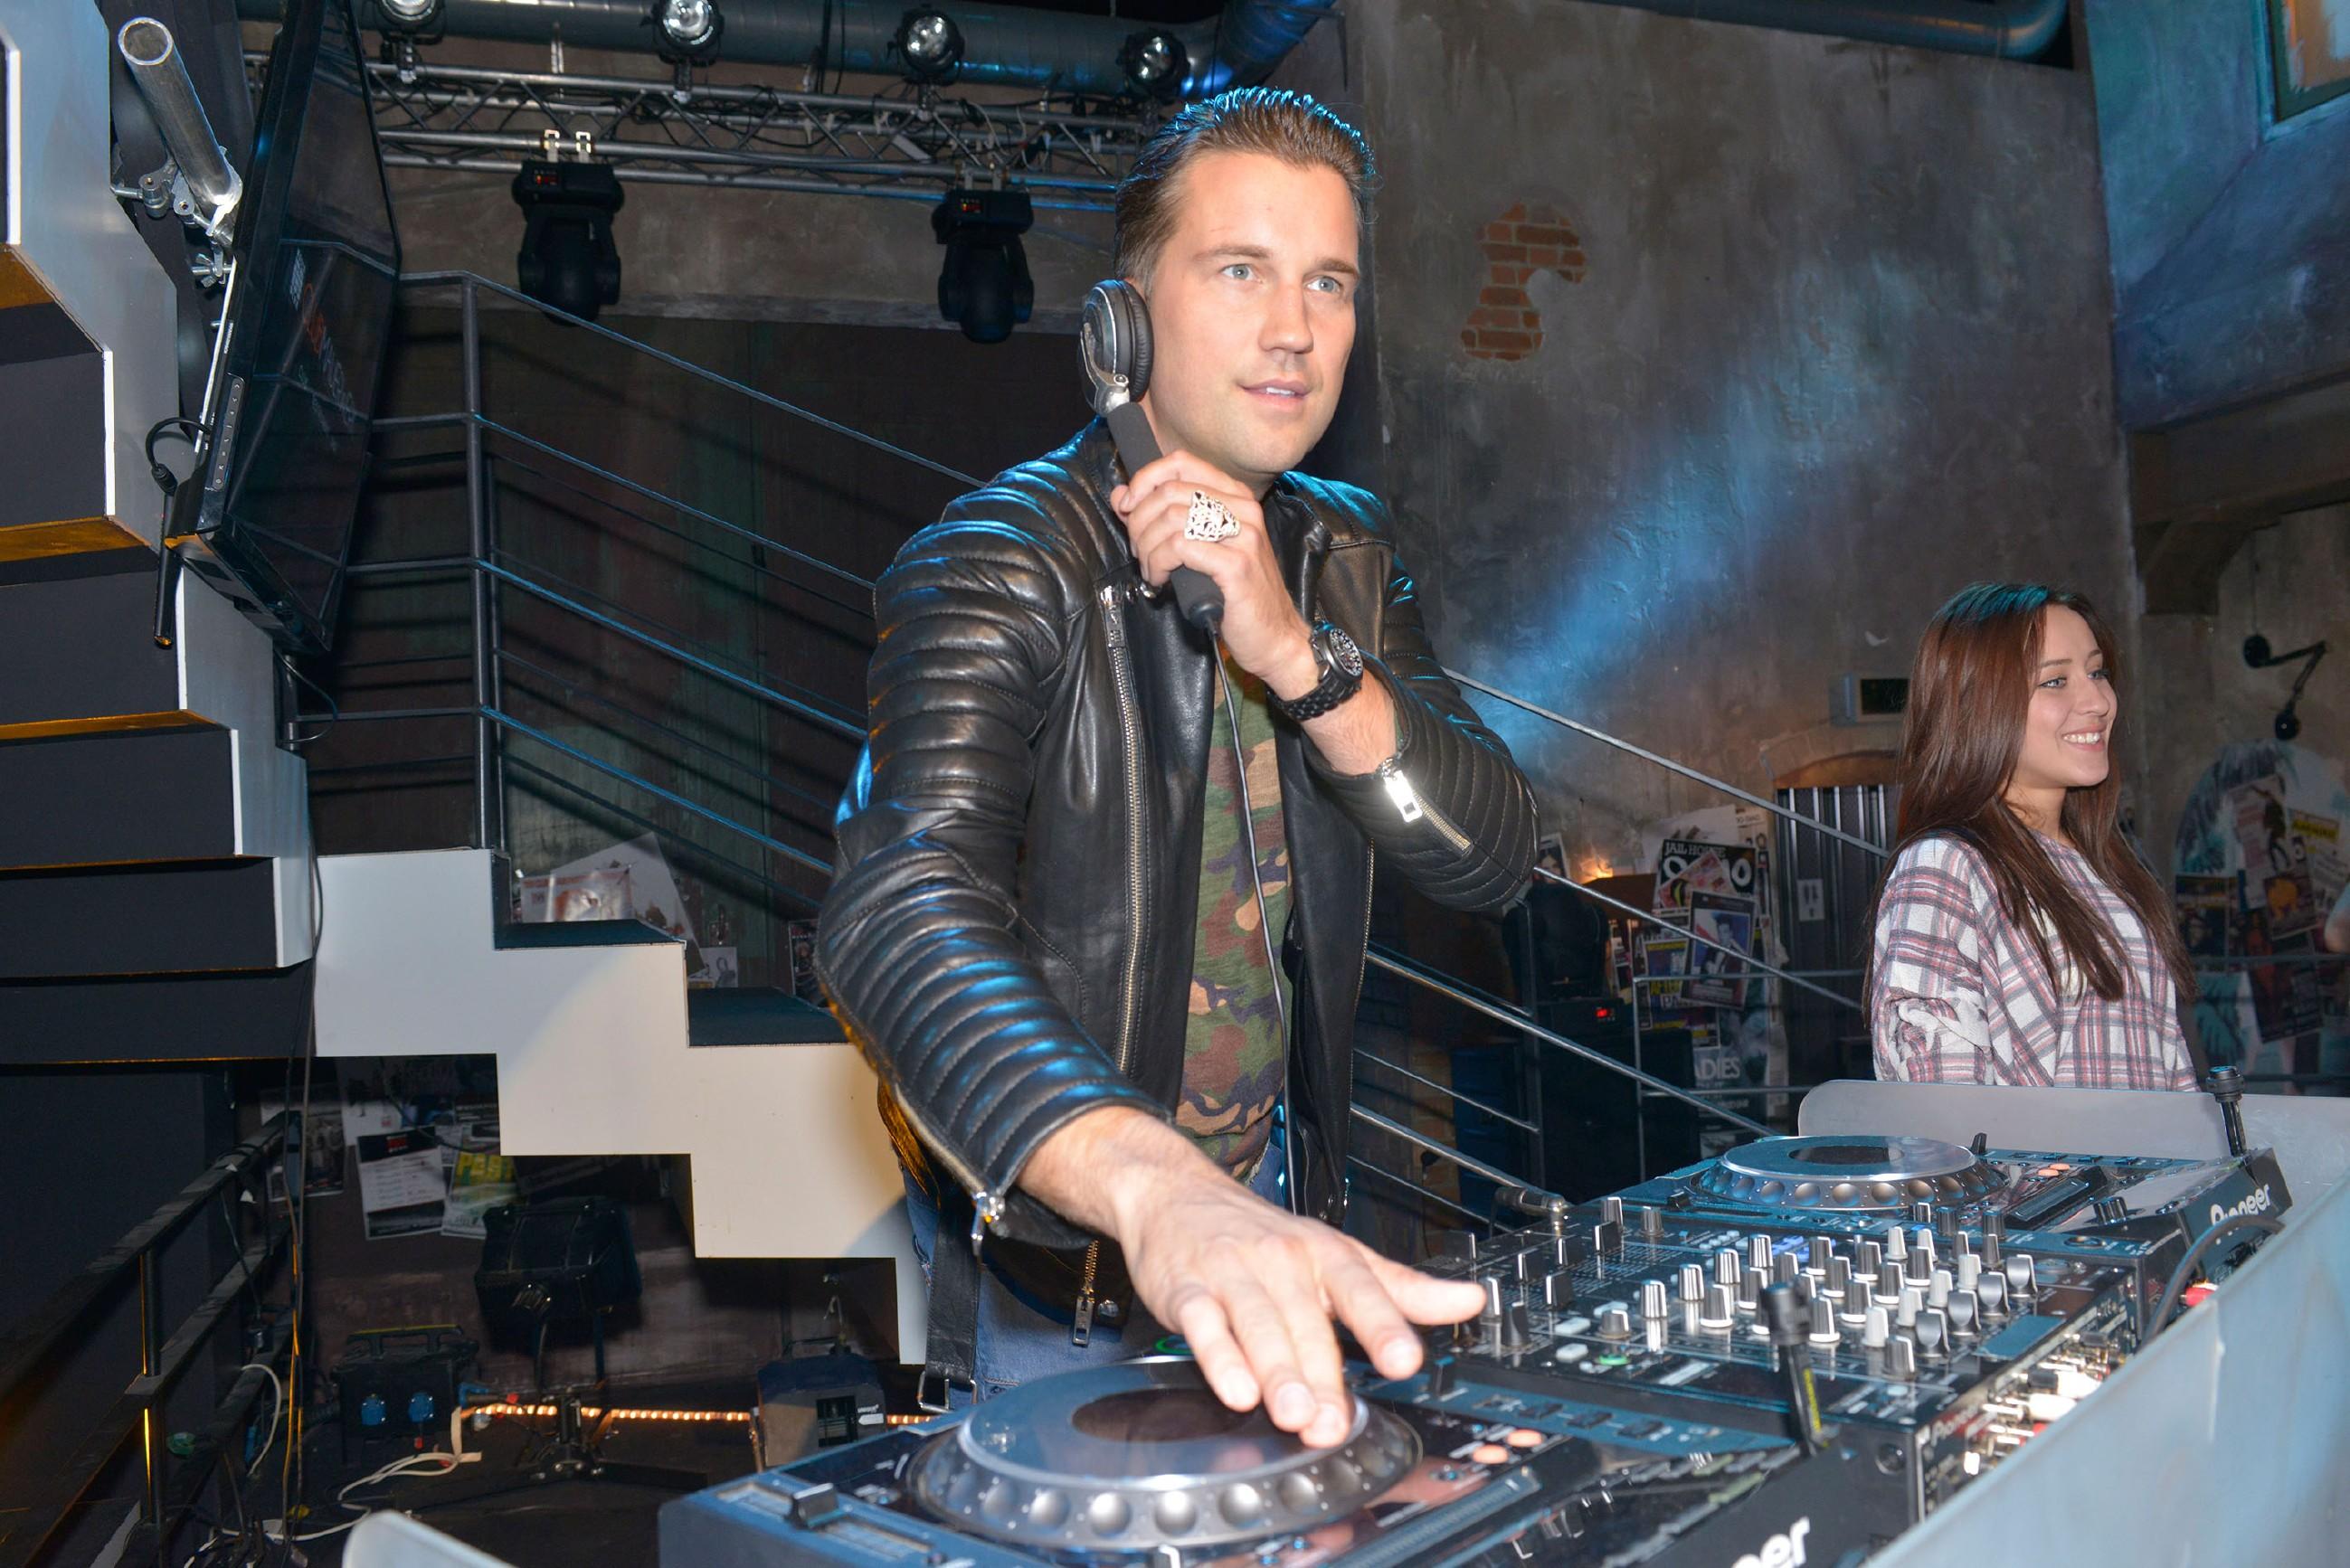 DJ Antoine legt im Szene-Club Mauerwerk auf und feiert mit den Gästen zu seinen neuen Songs ab! (Quelle: RTL / Rolf Baumgartner)